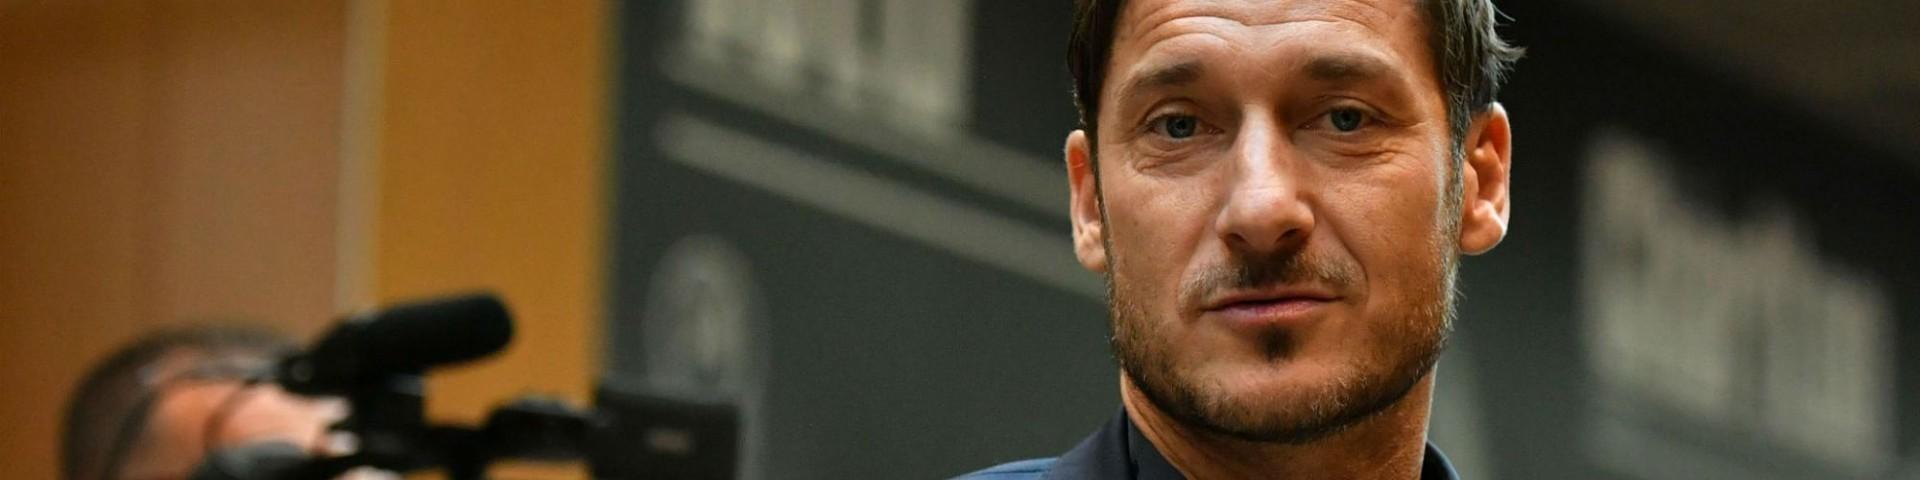 """Totti si dimette e parla chiaramente: """"I presidenti passano, le bandiere no"""""""